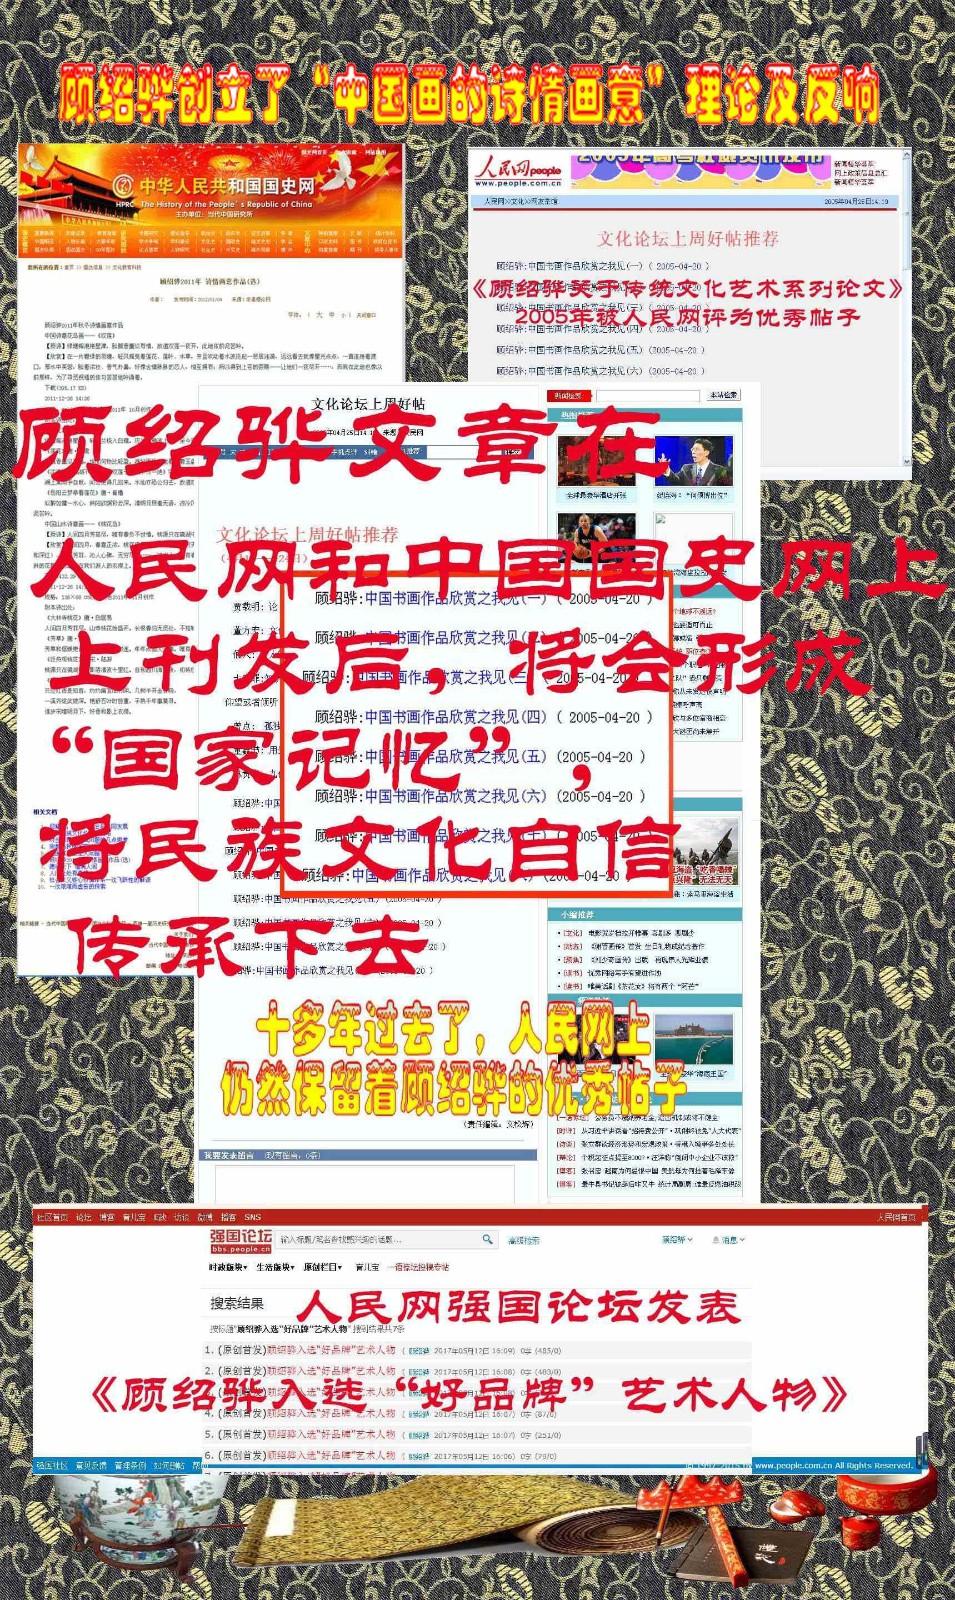 顾绍骅在中国画方面作出的一点贡献_图1-5